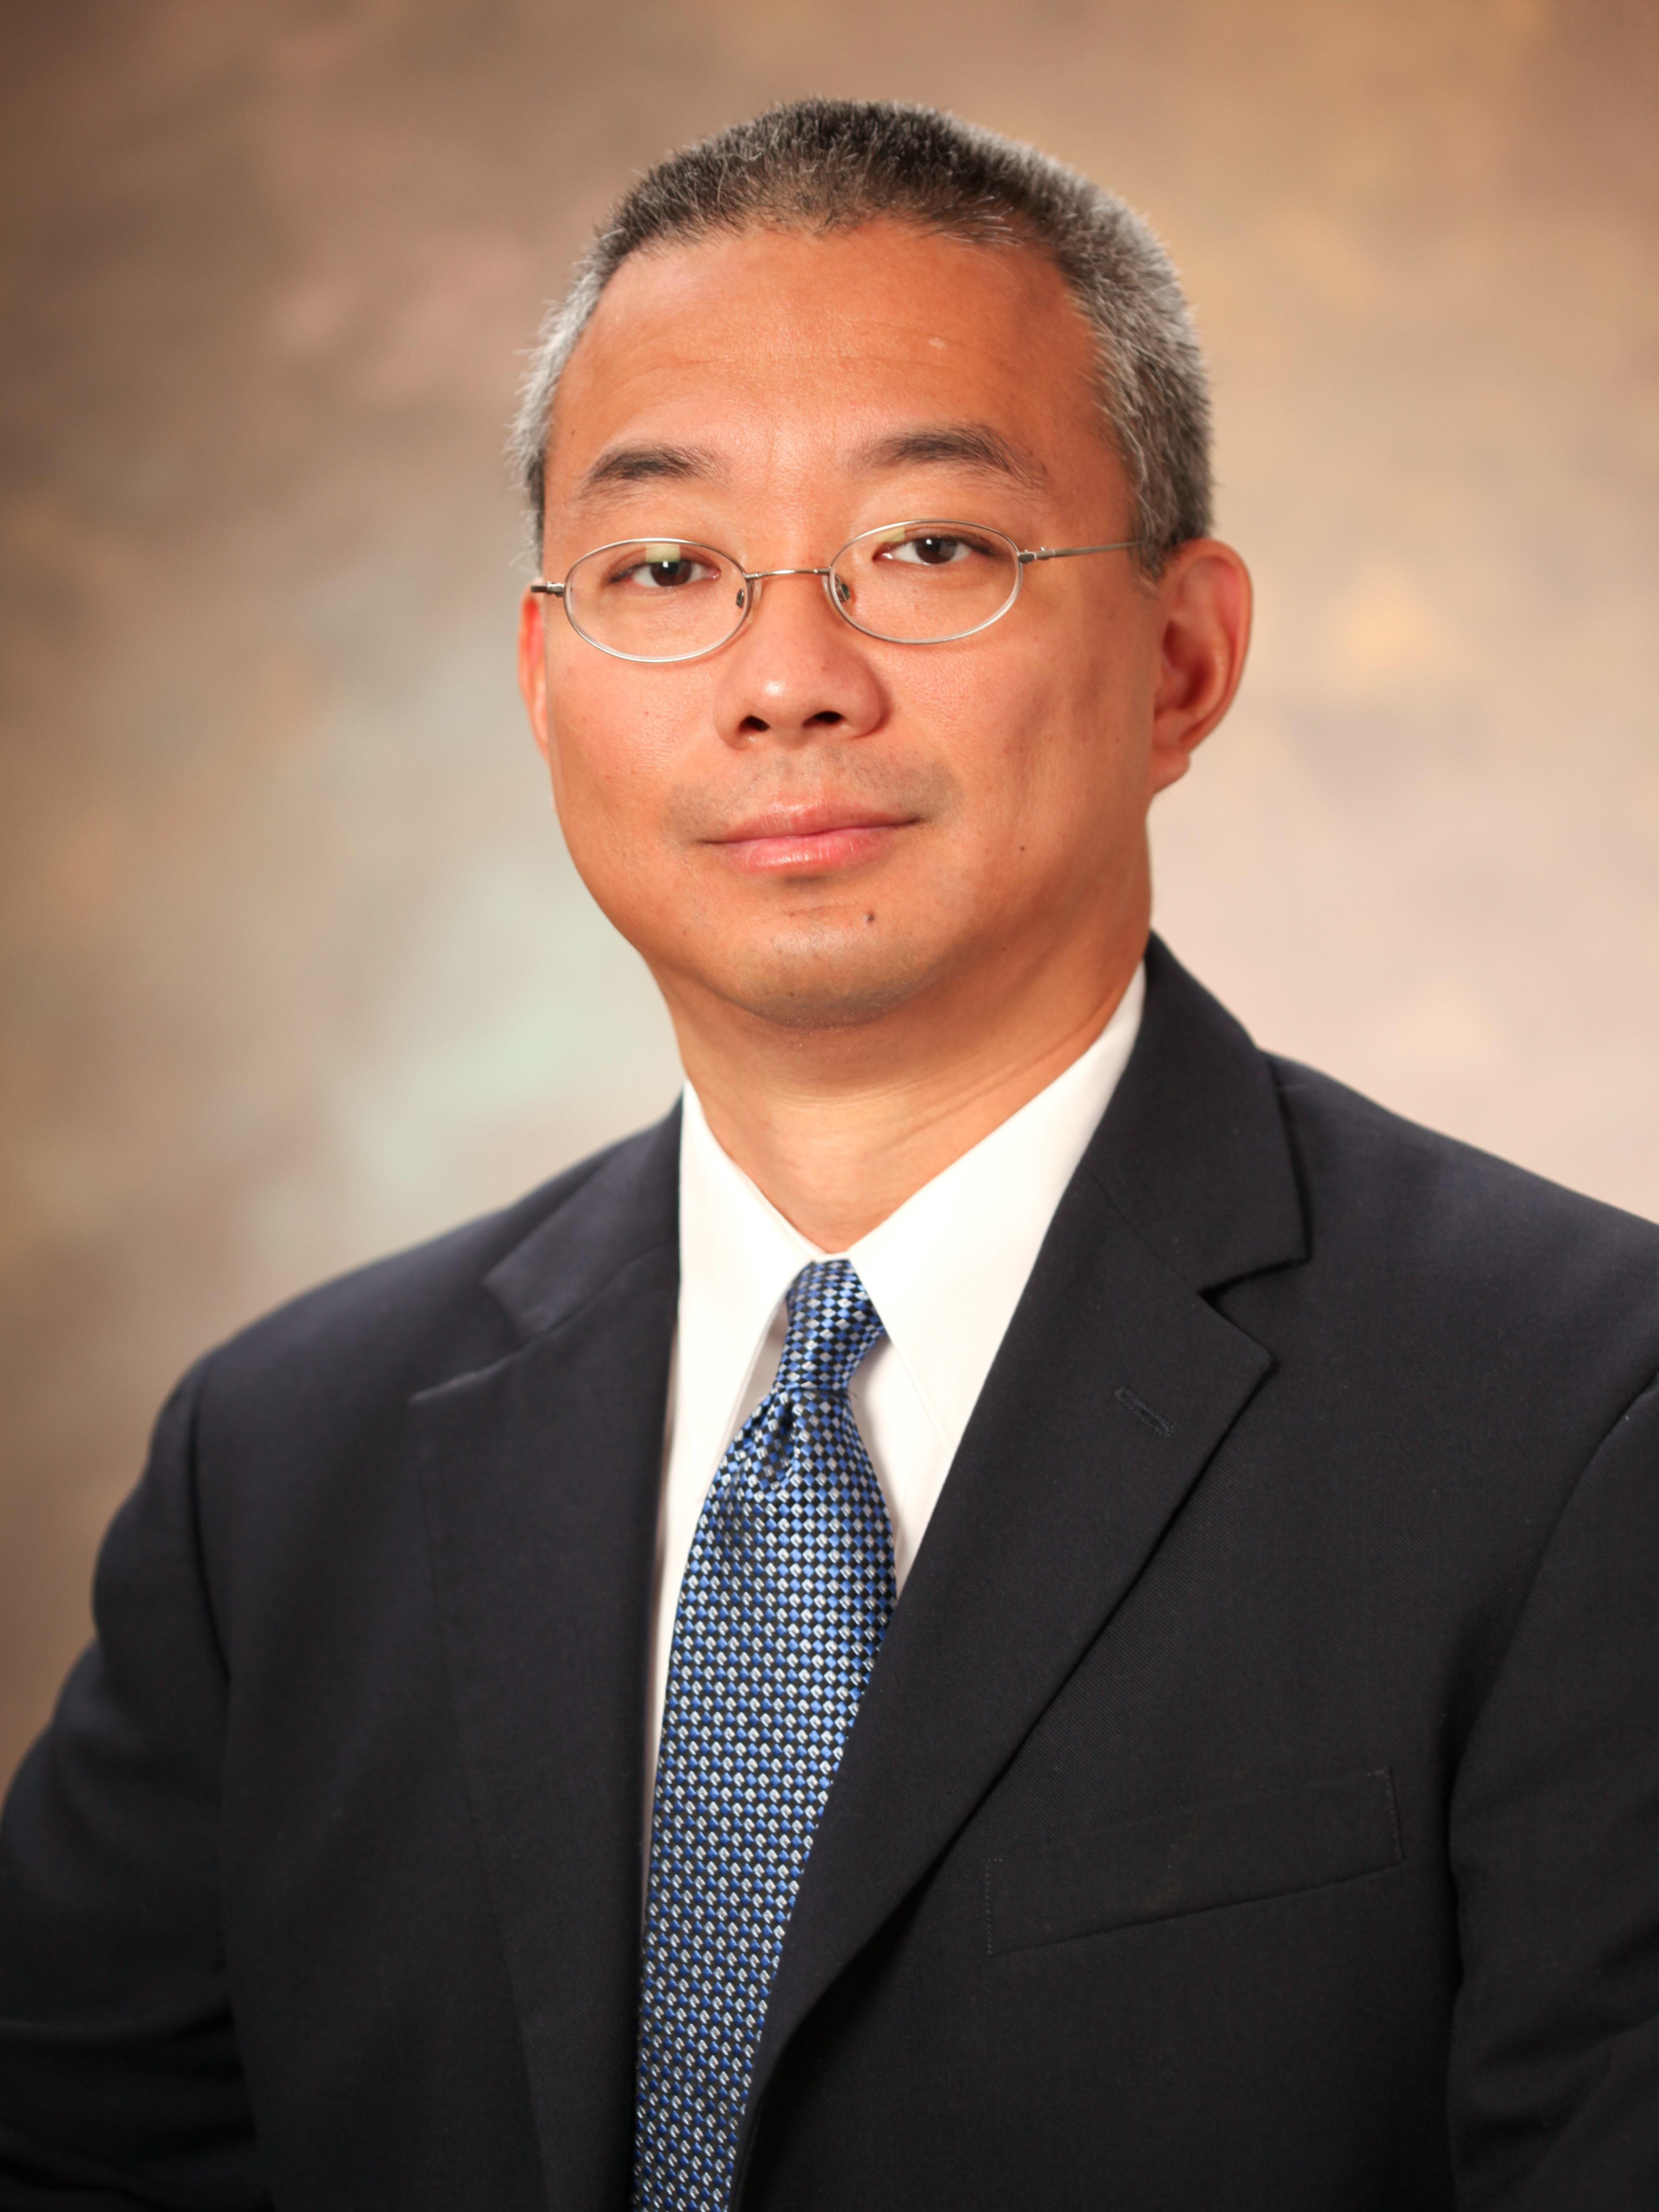 Sandy Chang